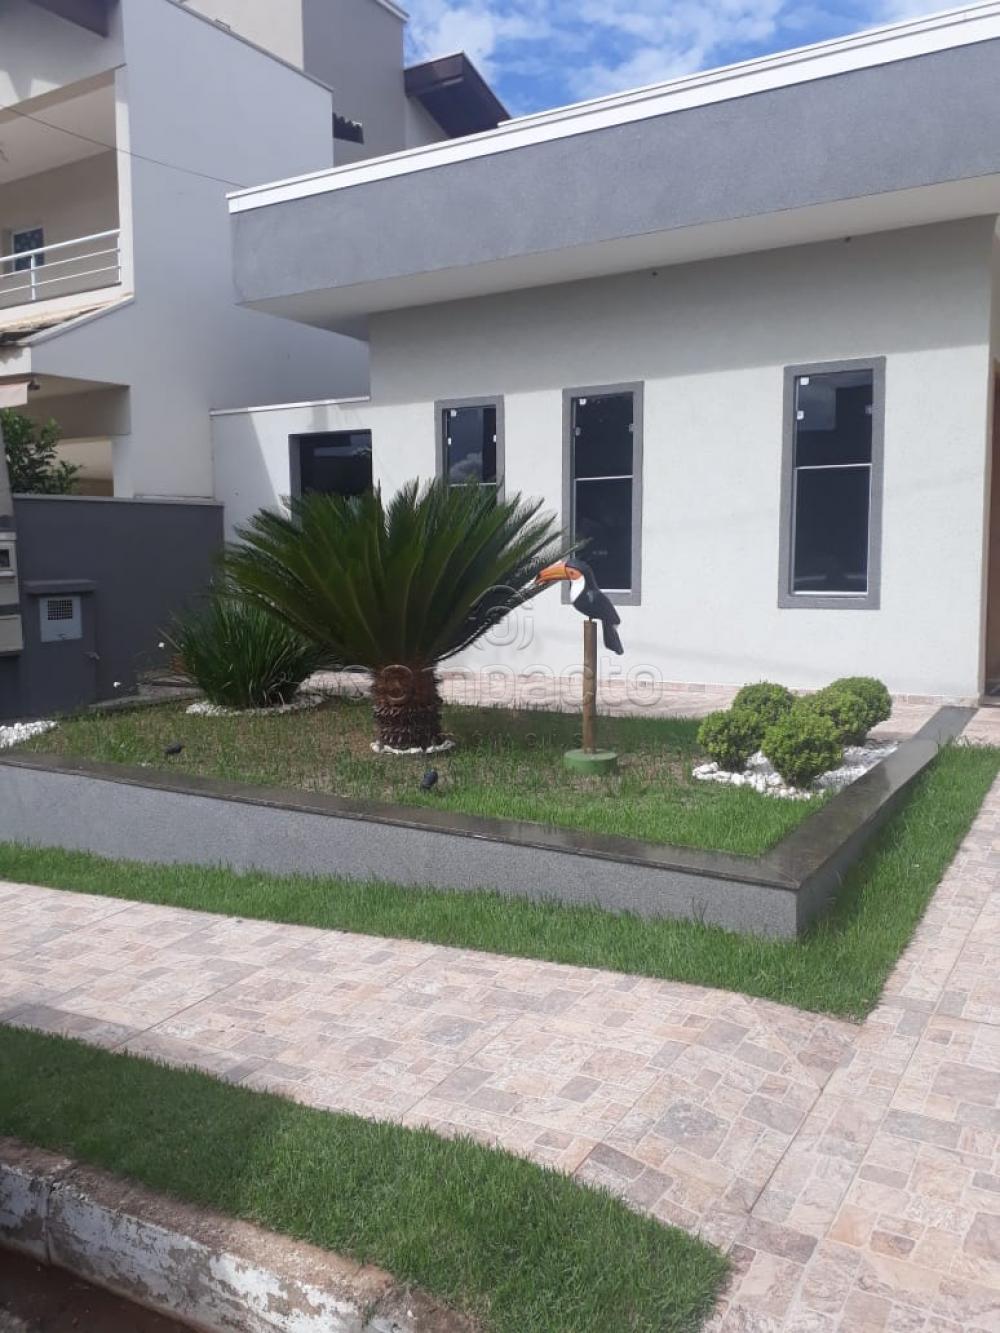 Alugar Casa / Condomínio em São José do Rio Preto apenas R$ 2.500,00 - Foto 1